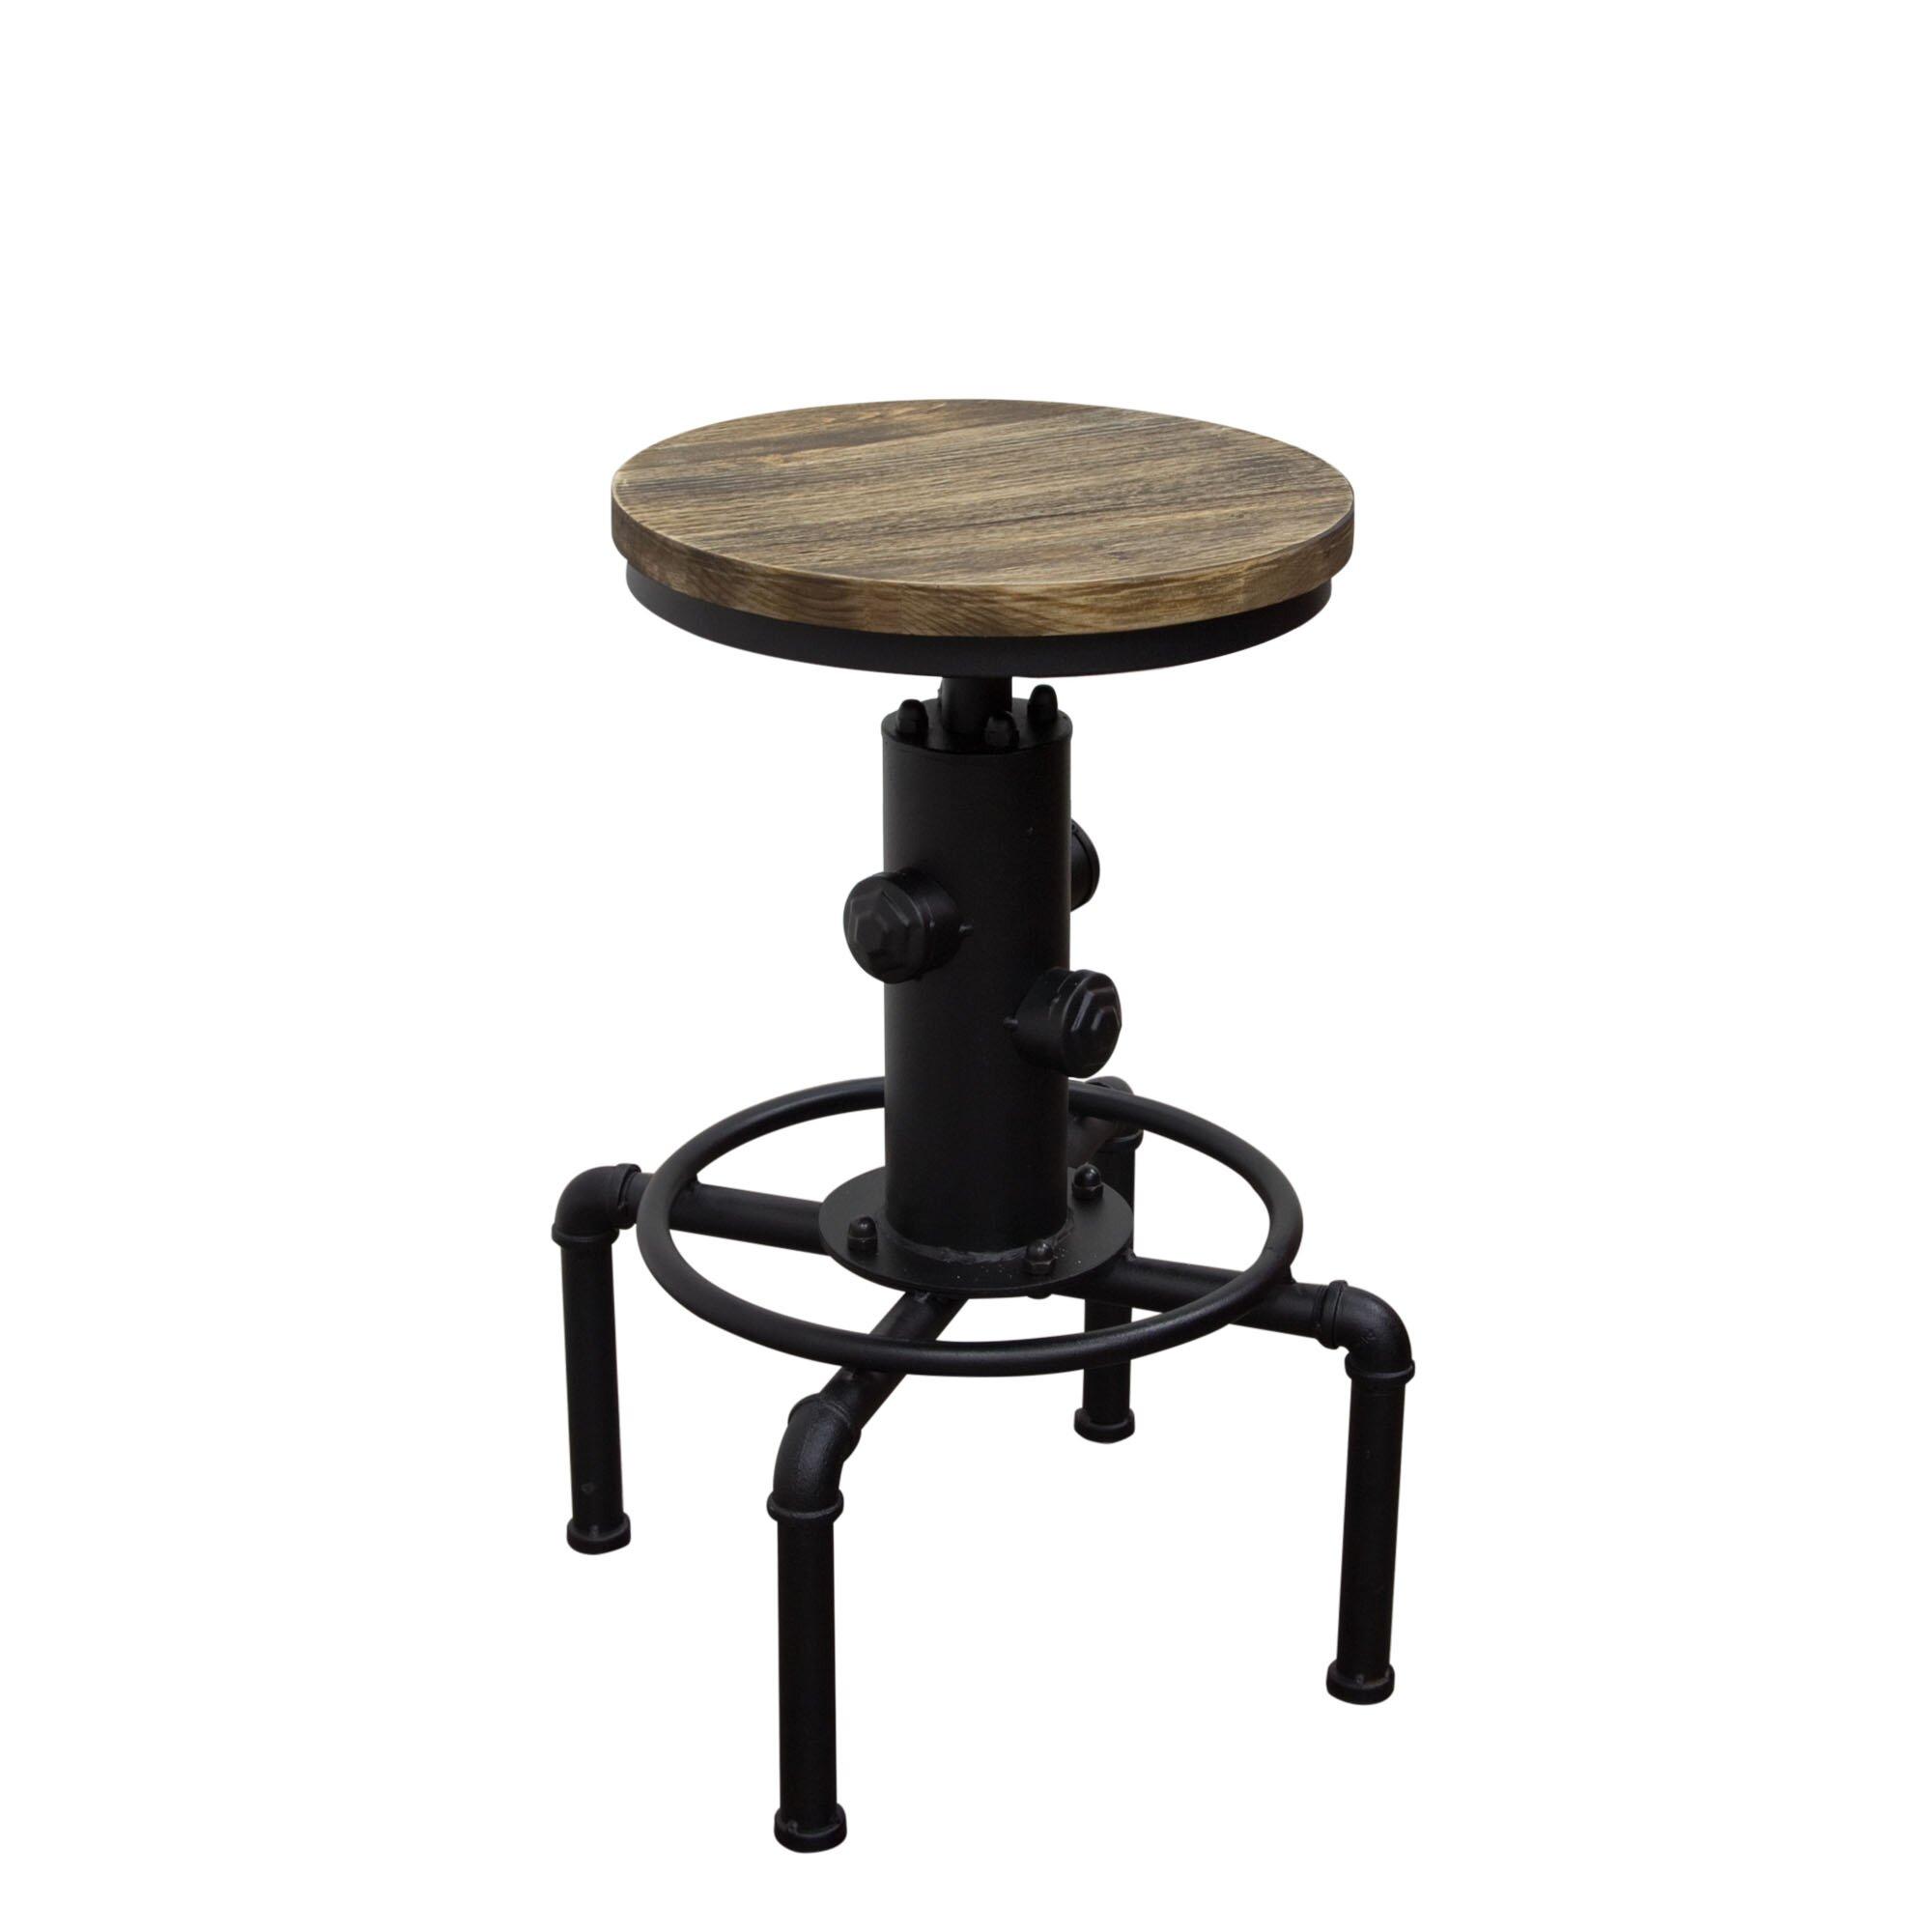 Diamond sofa brooklyn adjustable height bar stool for Adjustable height bar stools